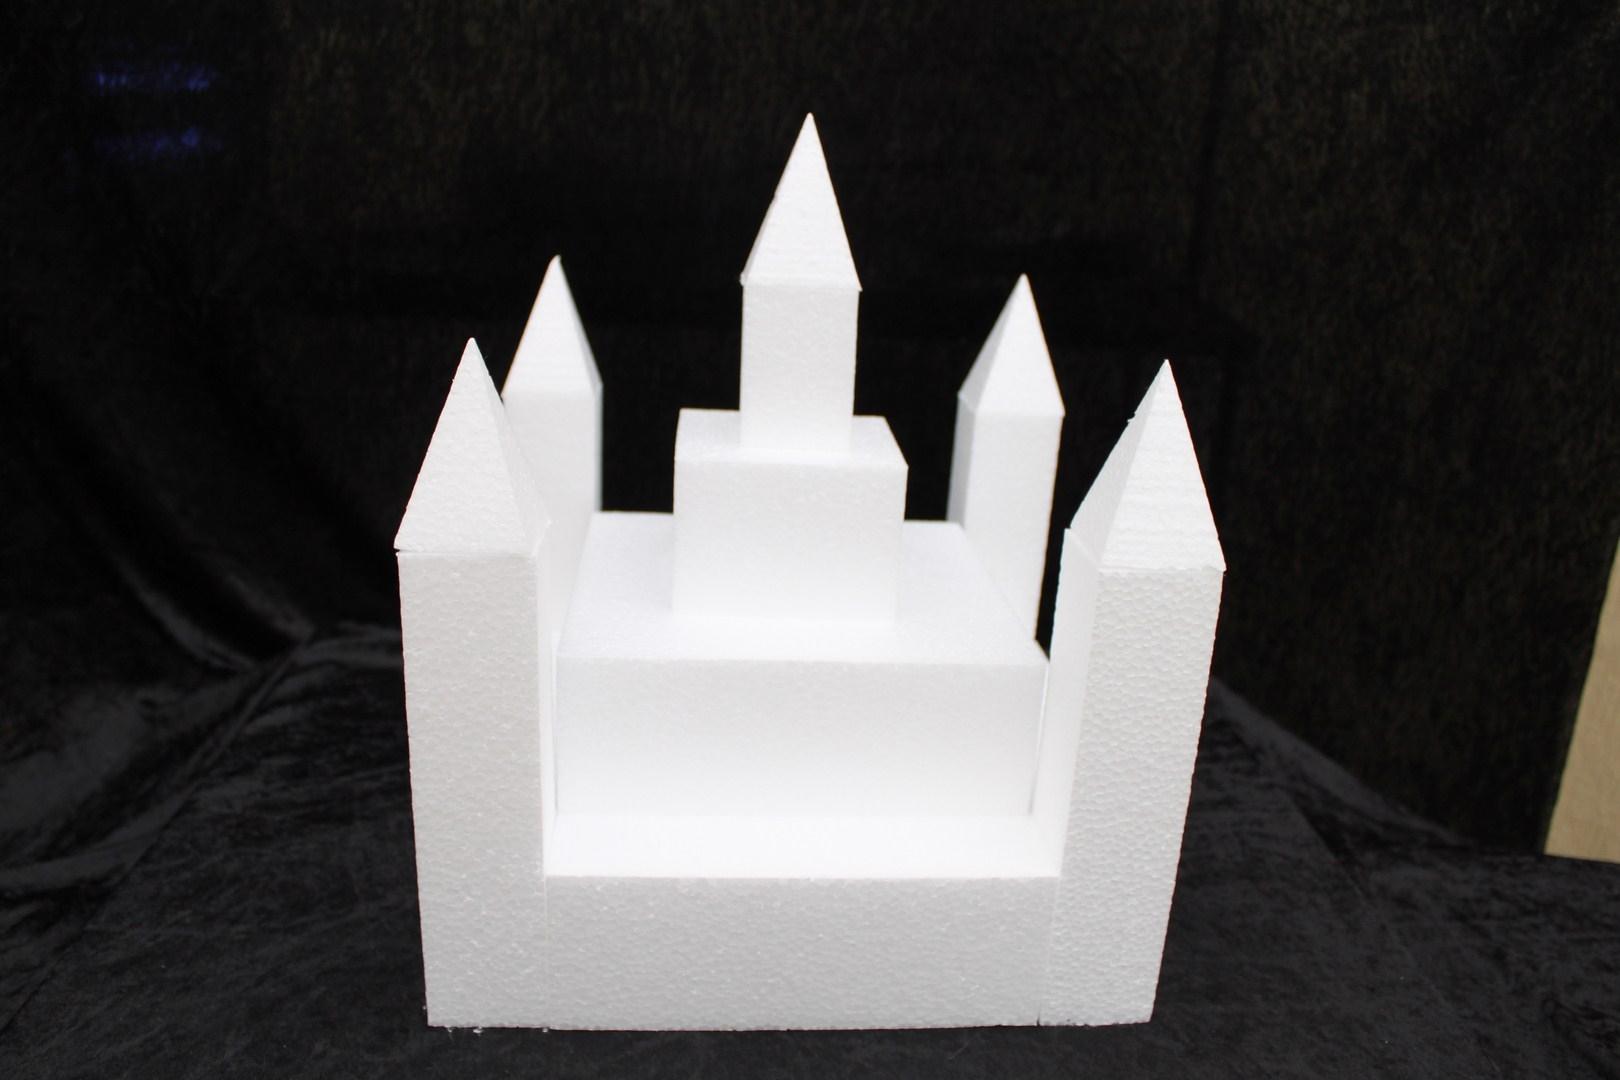 Castle cake dummy set 13 pcs - 30 x 30 cm, 35 cm high